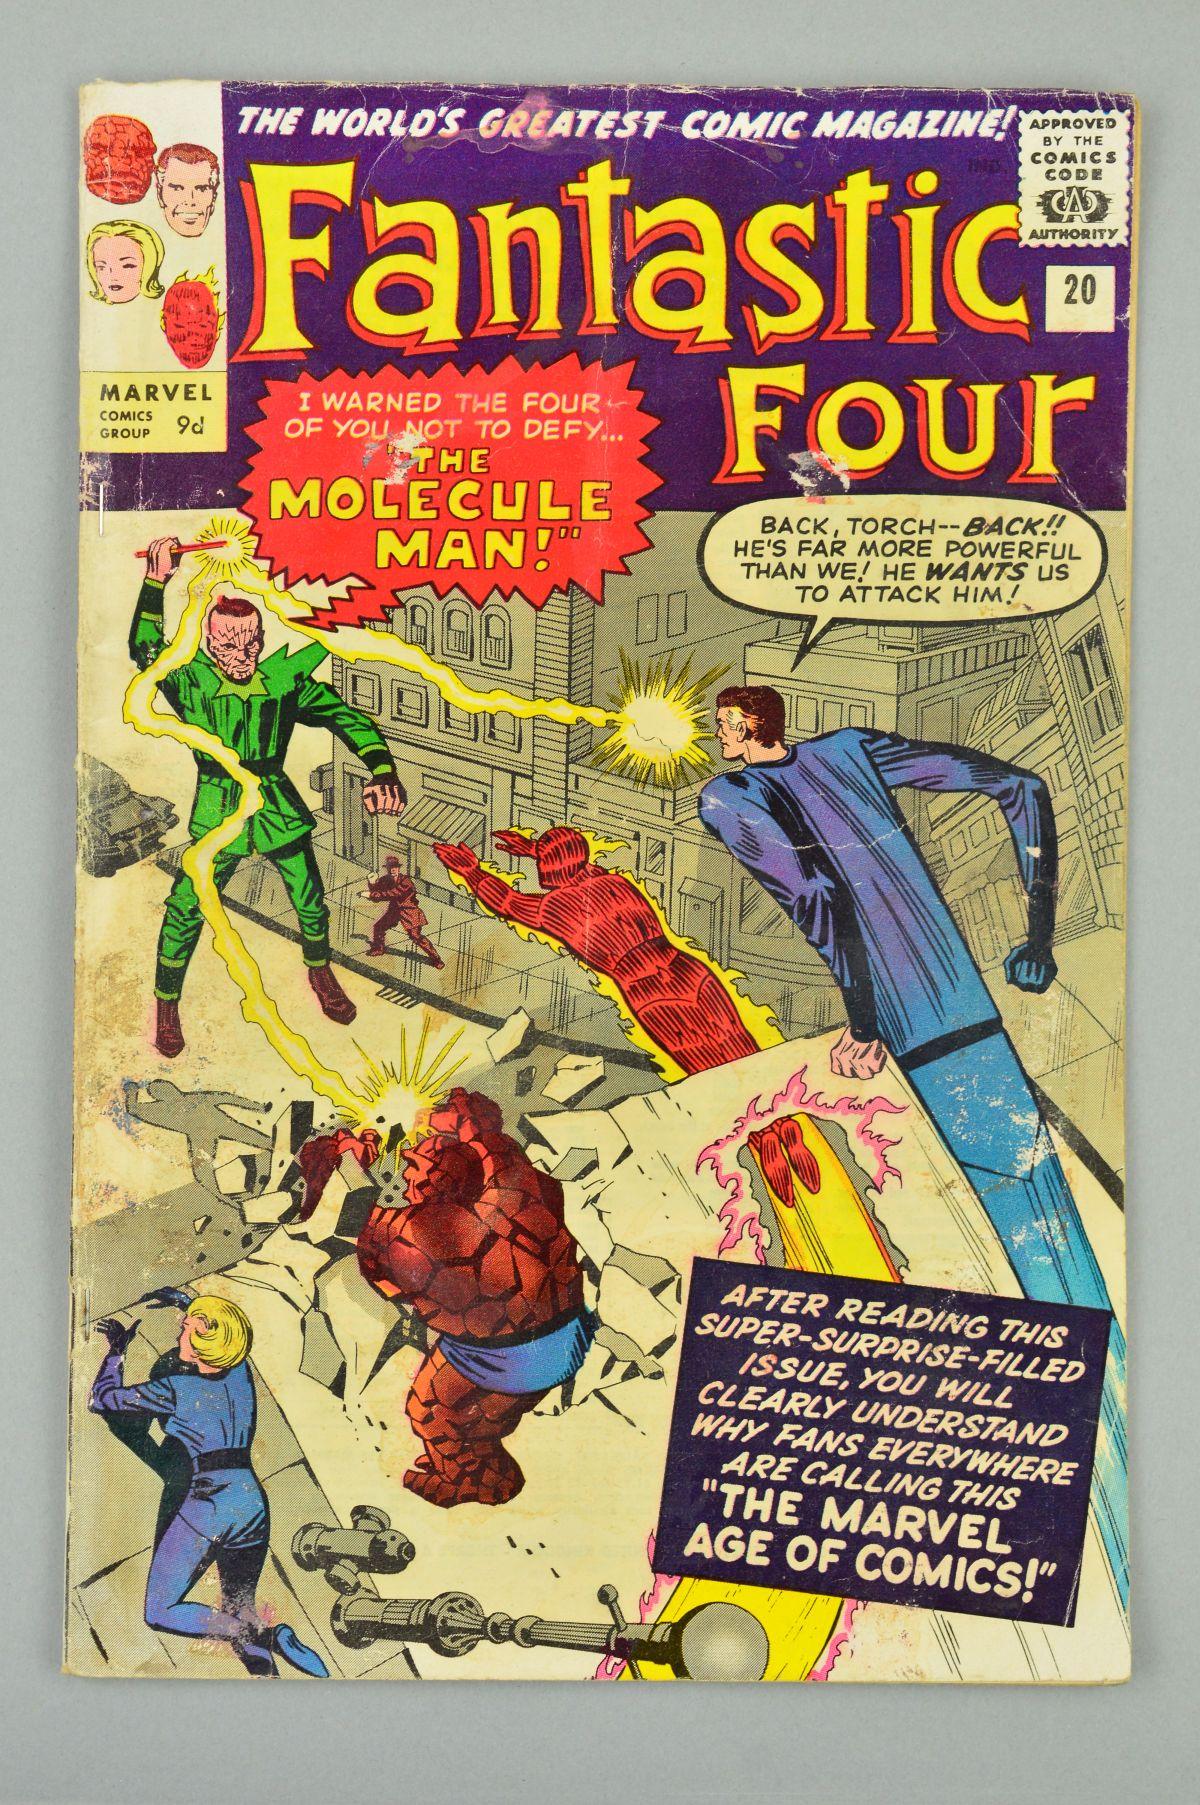 Lot 1820 - Fantastic Four (1961) #20, Published:November 10, 1963, Penciller:Steve Ditko